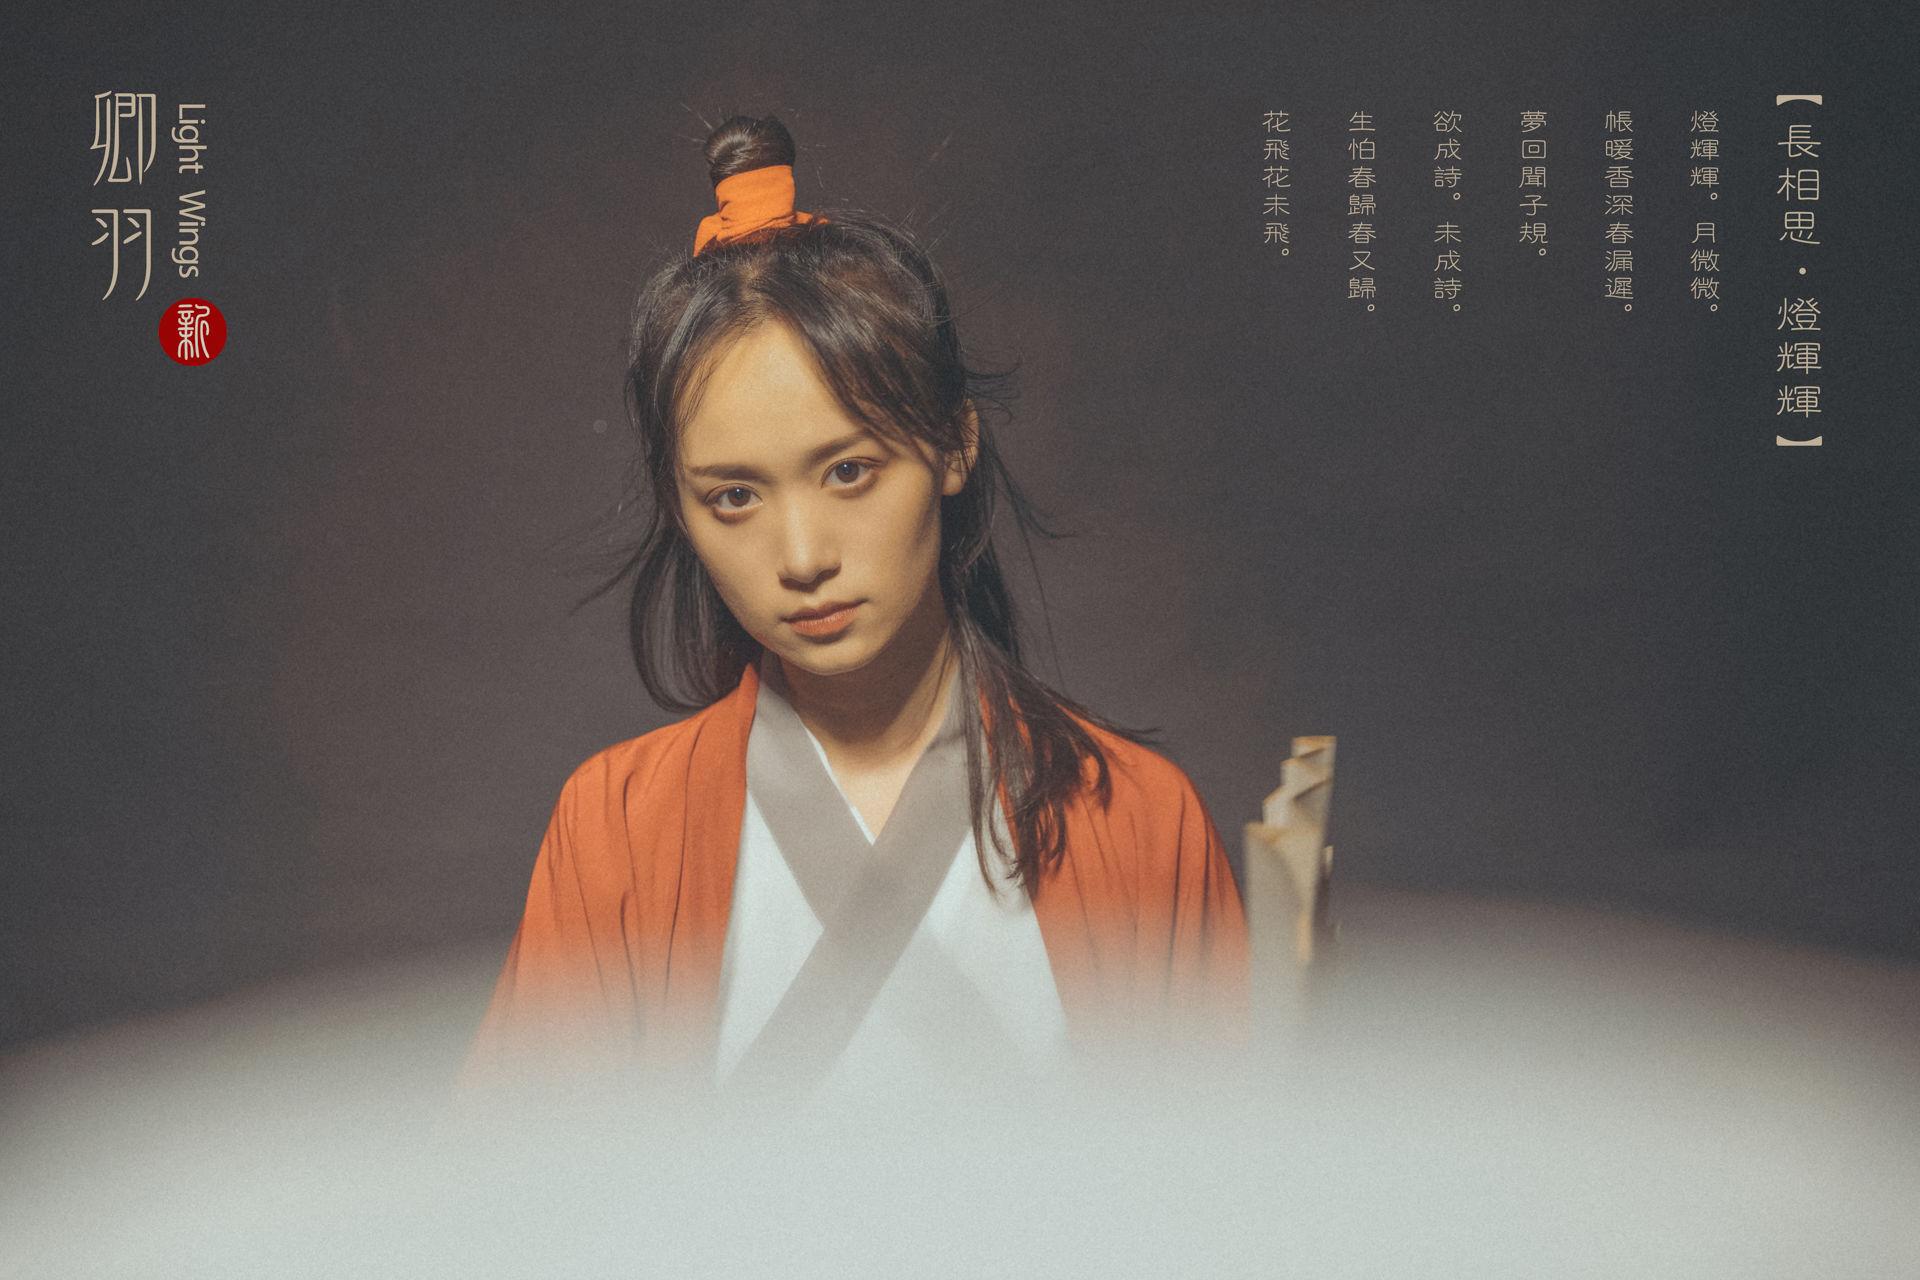 2019-01-31 轻羽视觉棚拍古装_摄影师Sly的返片